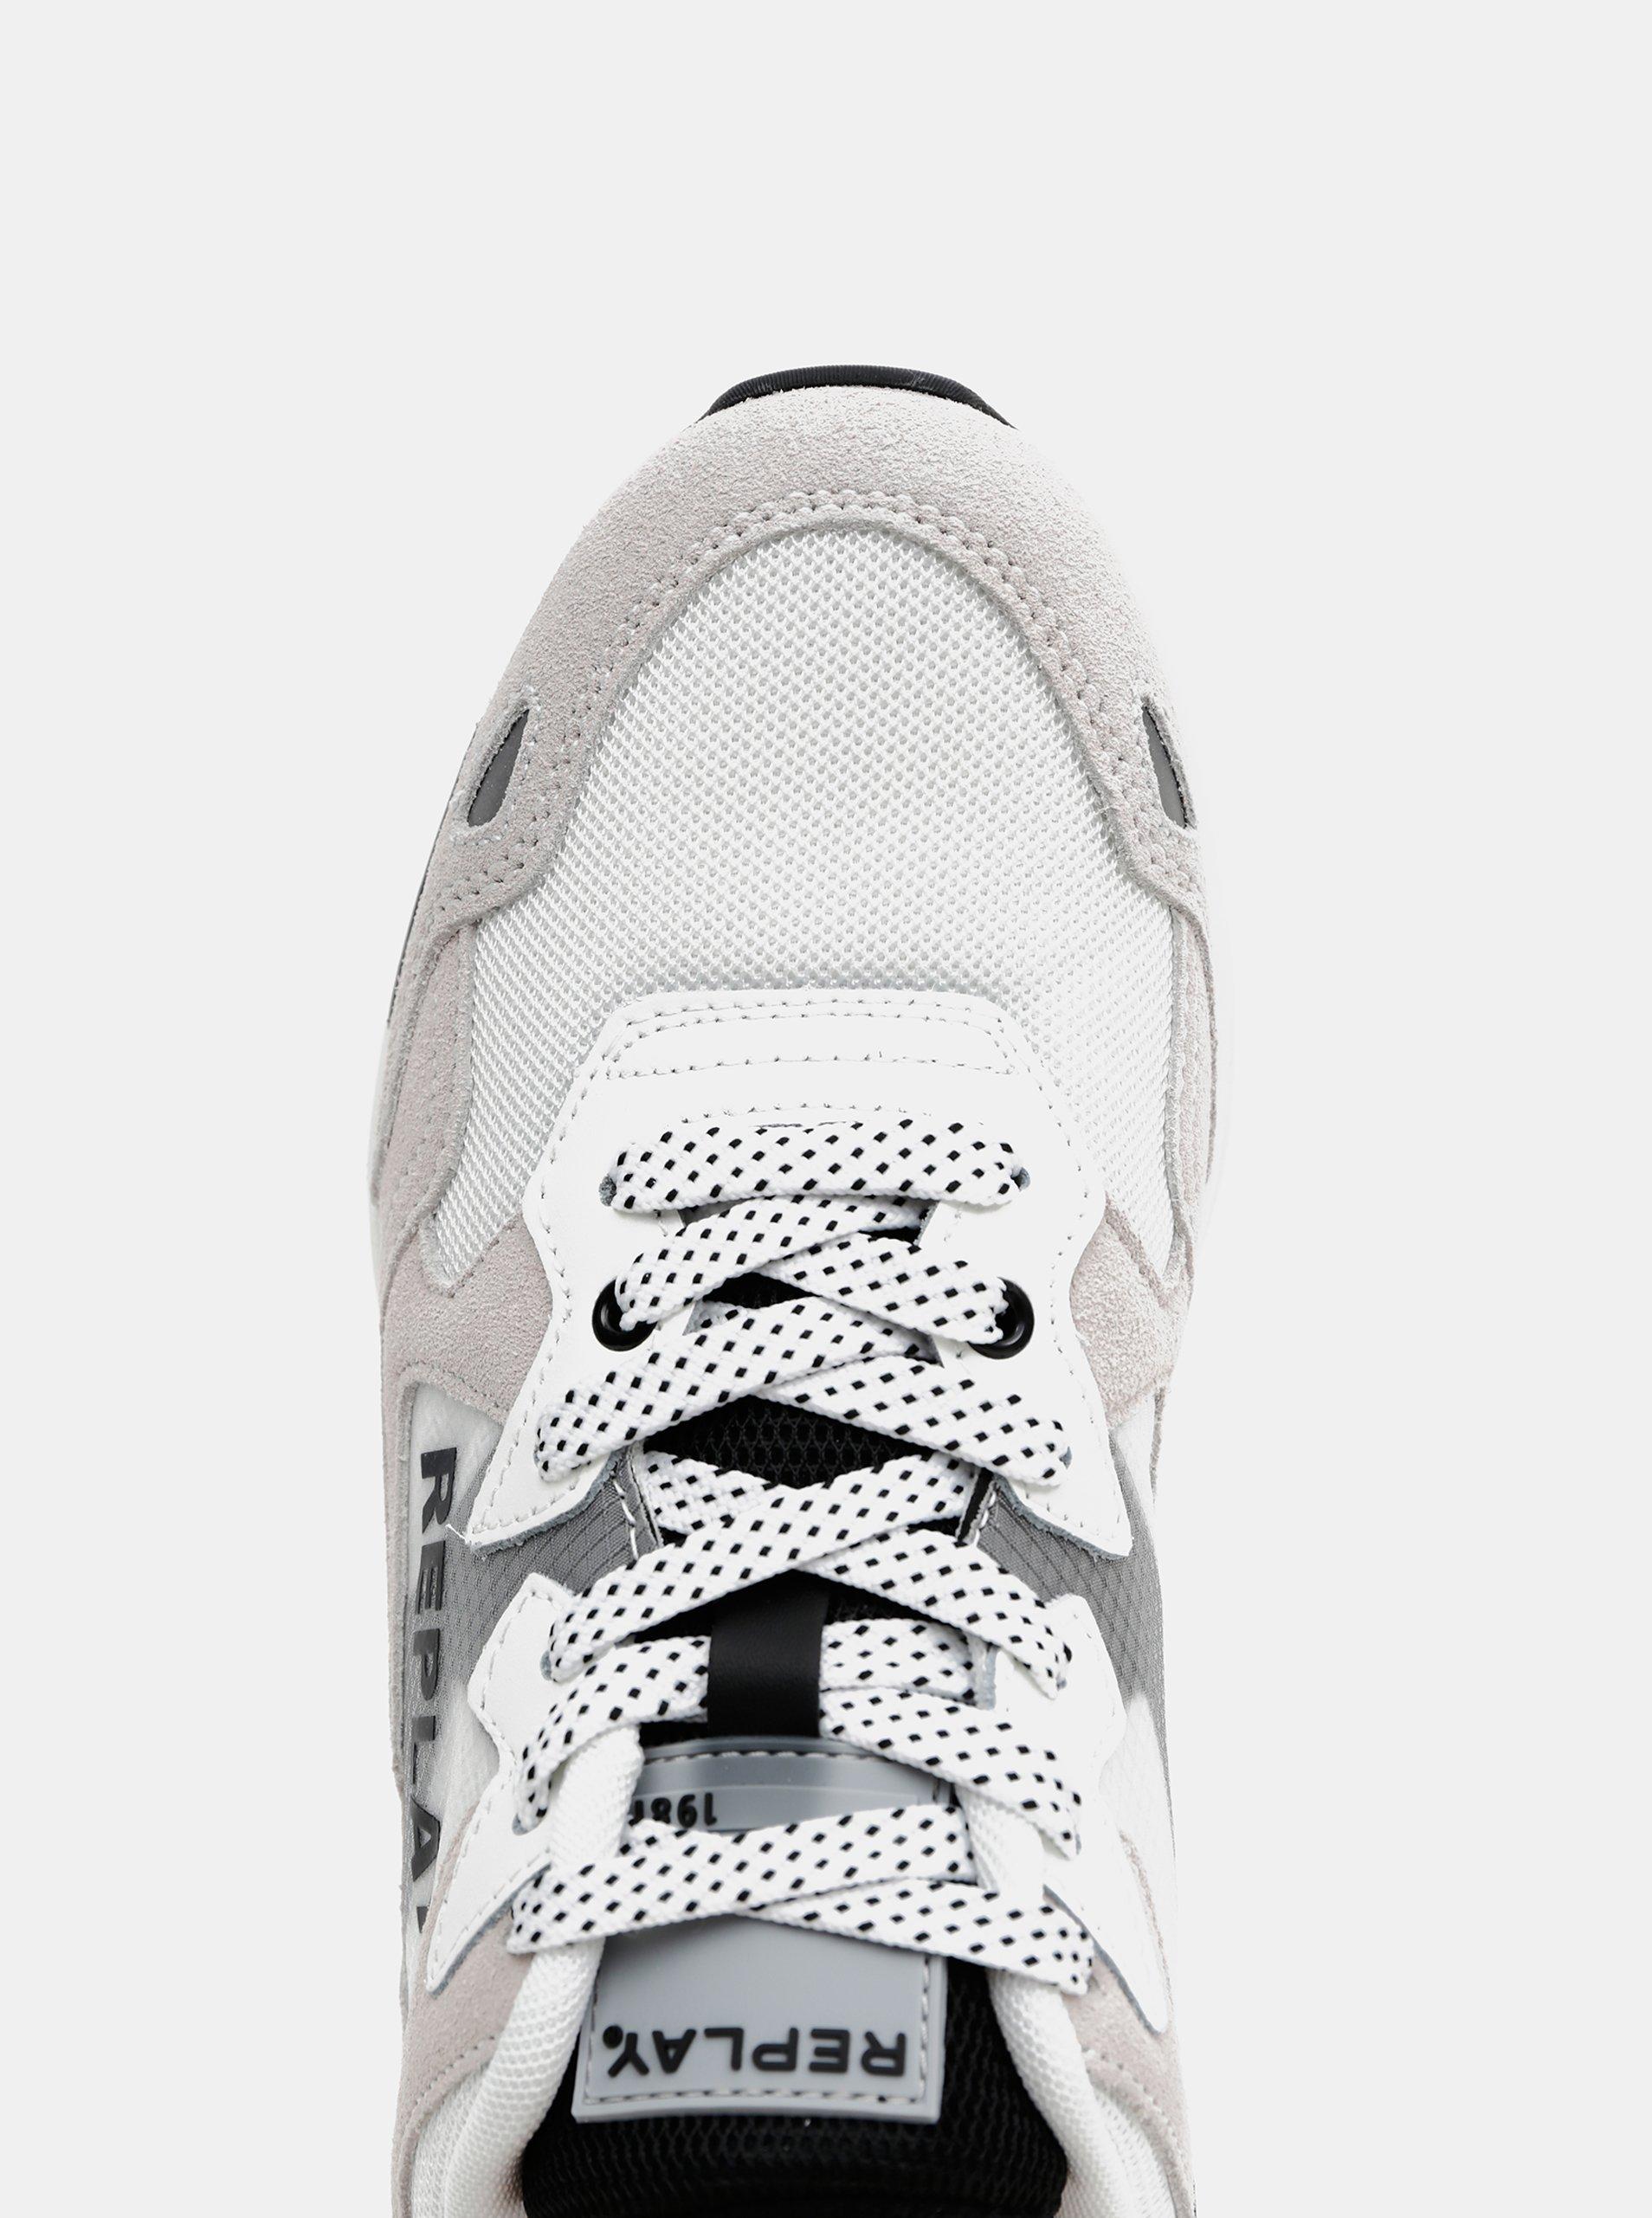 Šedo-biele pánske tenisky s koženými detailmi Replay.